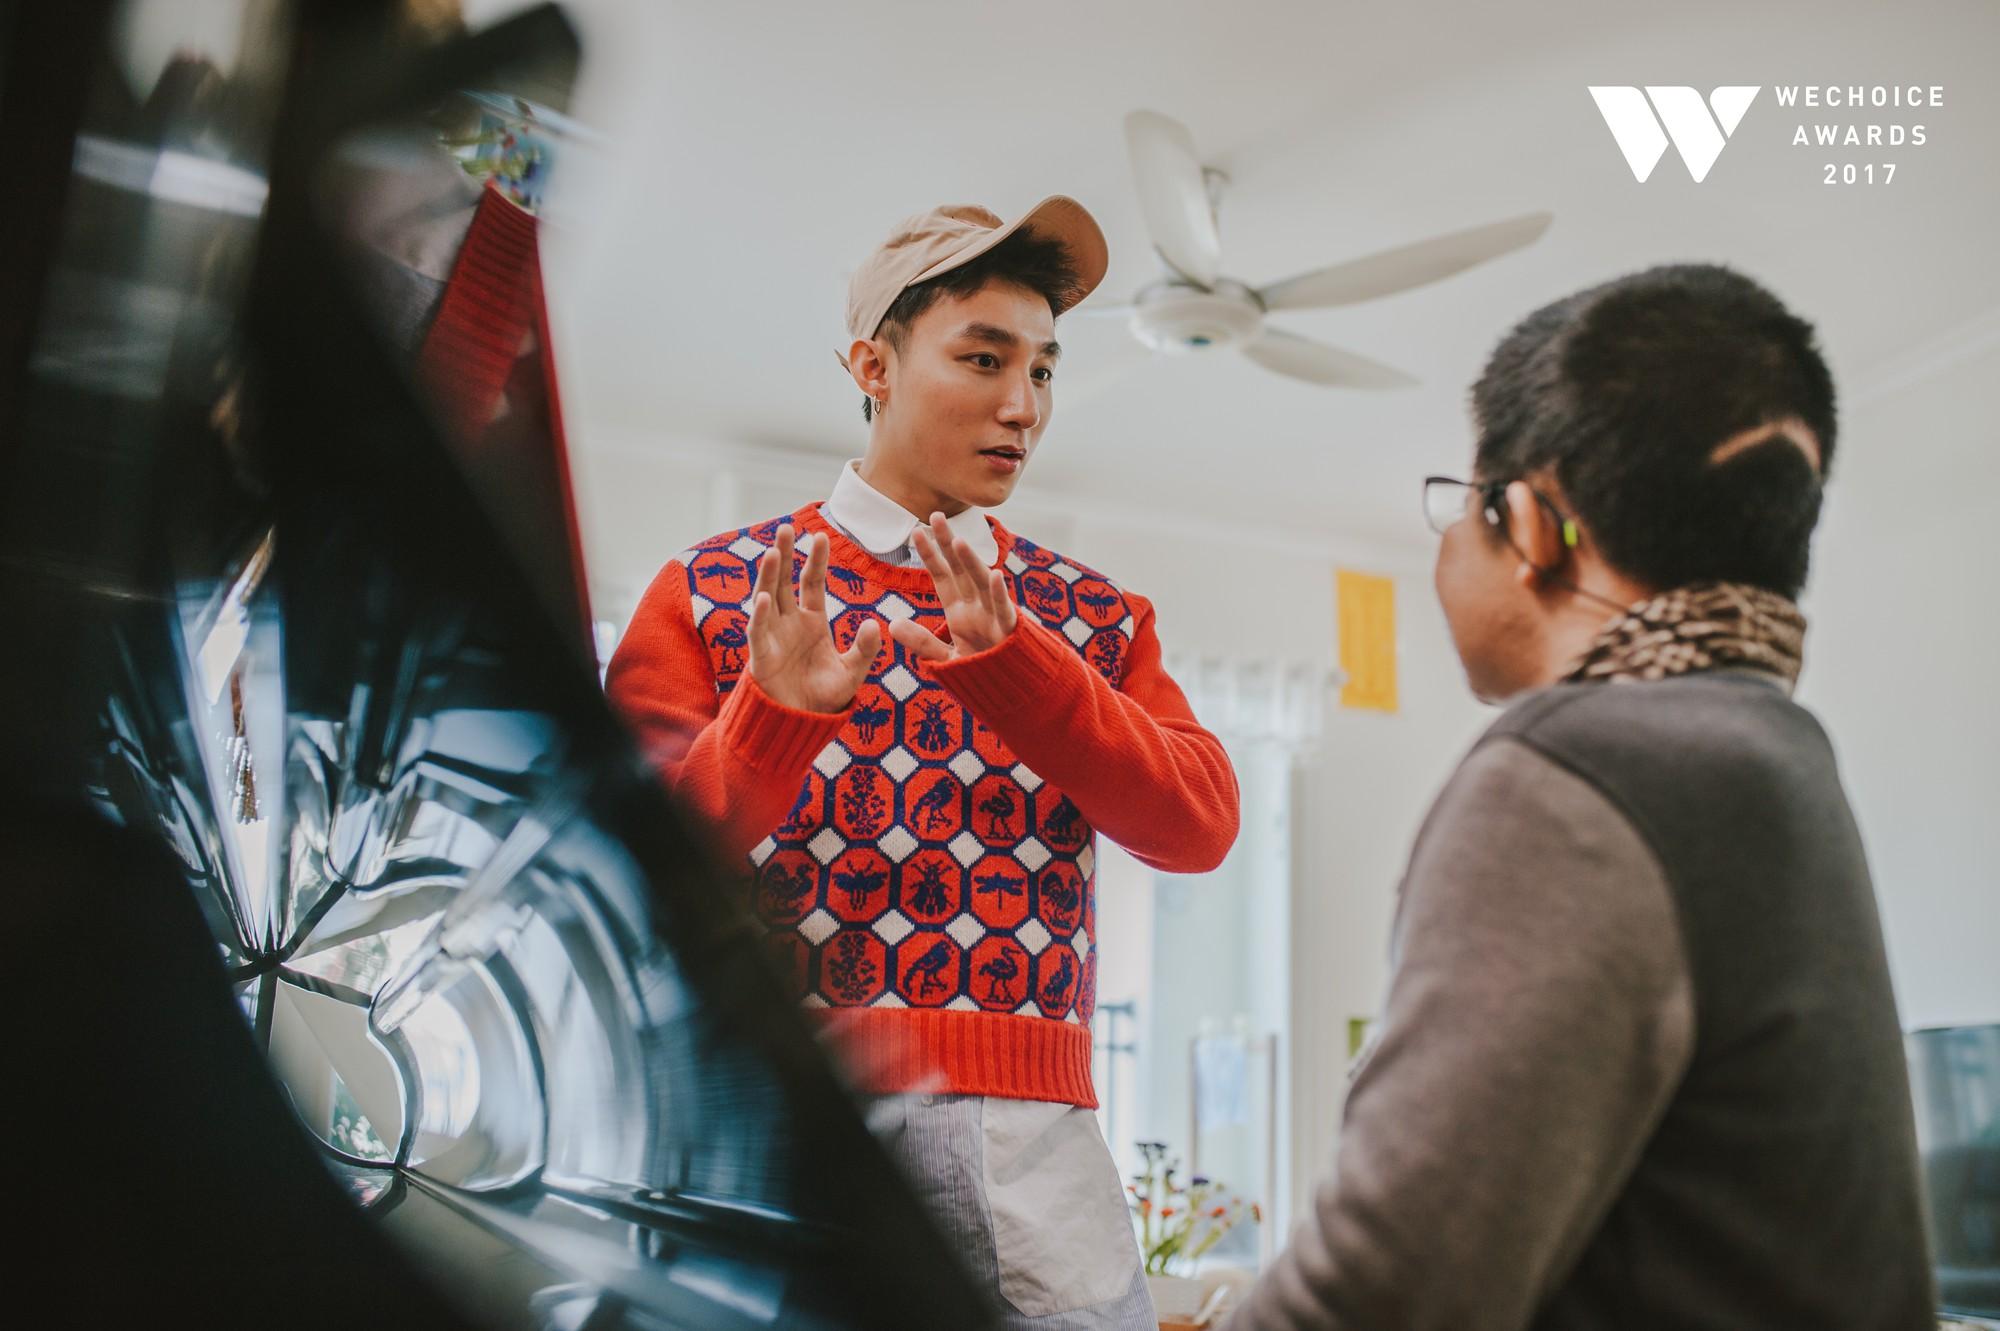 Khoảnh khắc đẹp: Sơn Tùng và bé Bôm hoà chung đam mê qua tiếng đàn, tập luyện cho sân khấu đặc biệt Gala WeChoice Awards 2017 - Ảnh 10.